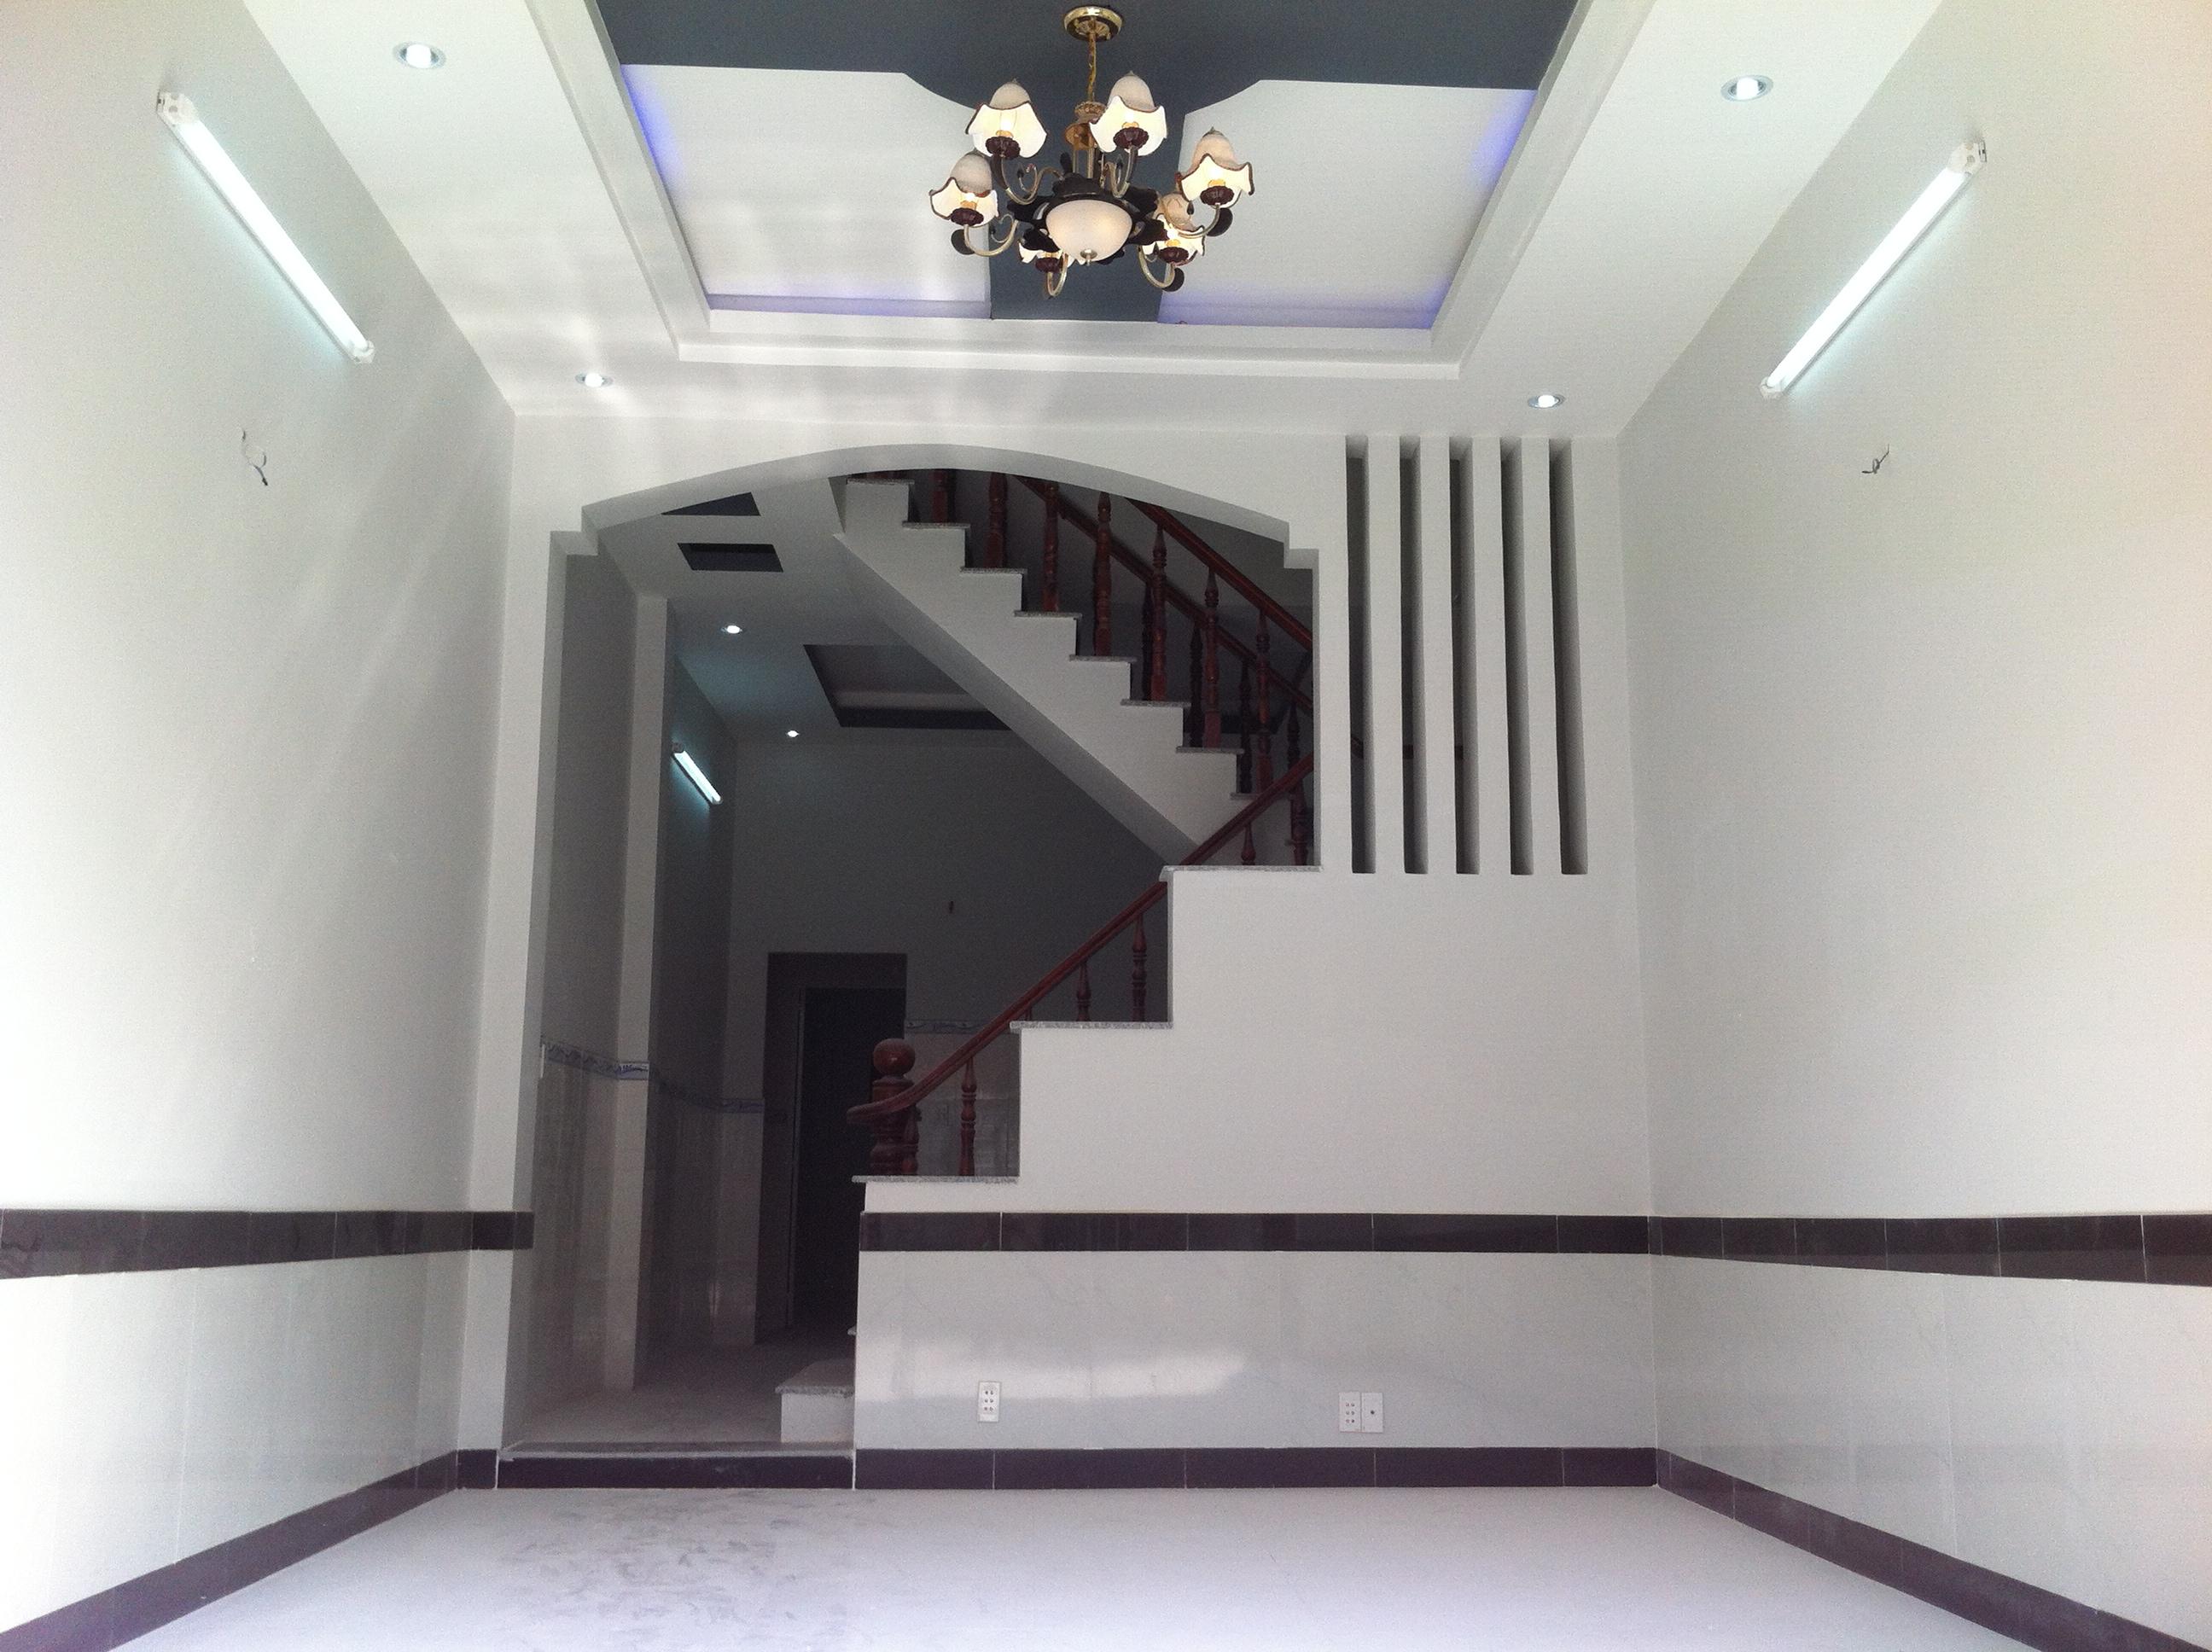 không gian trong nhà phố mới gần khu công nghiệp visip, Việtnam SINGAPORE